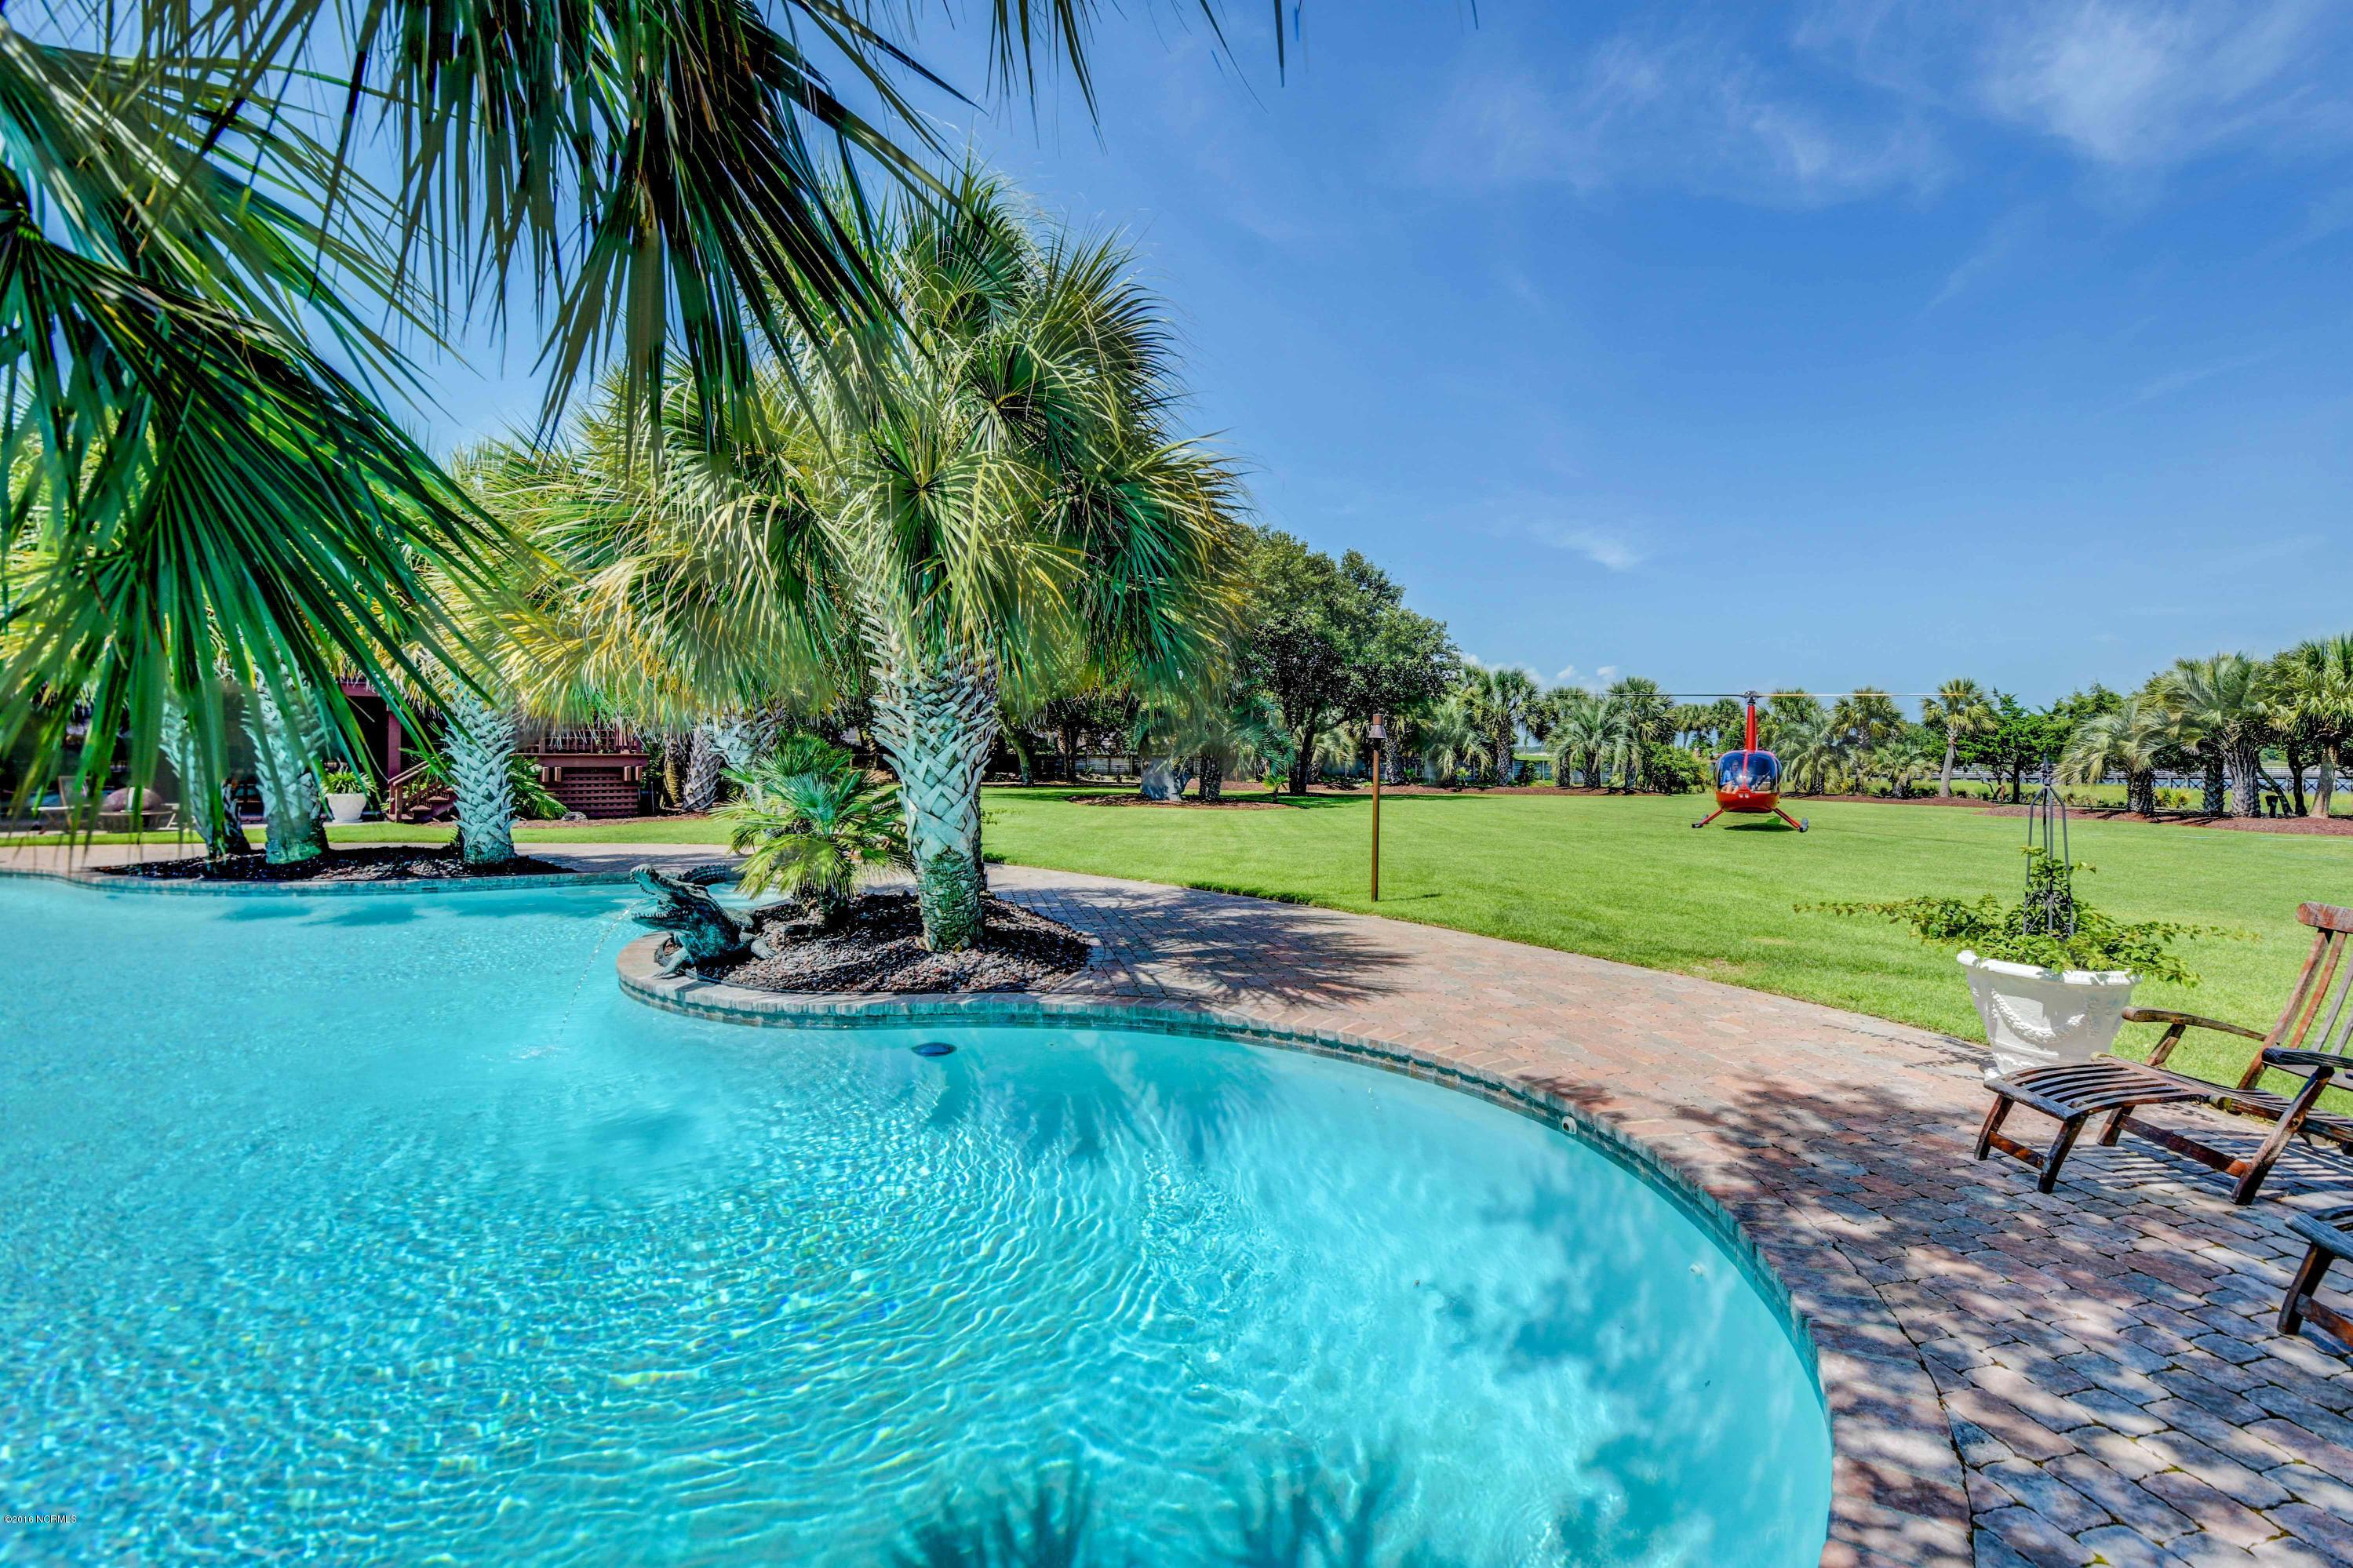 Inlet Point Harbor Real Estate - http://cdn.resize.sparkplatform.com/ncr/1024x768/true/20160722201201262079000000-o.jpg